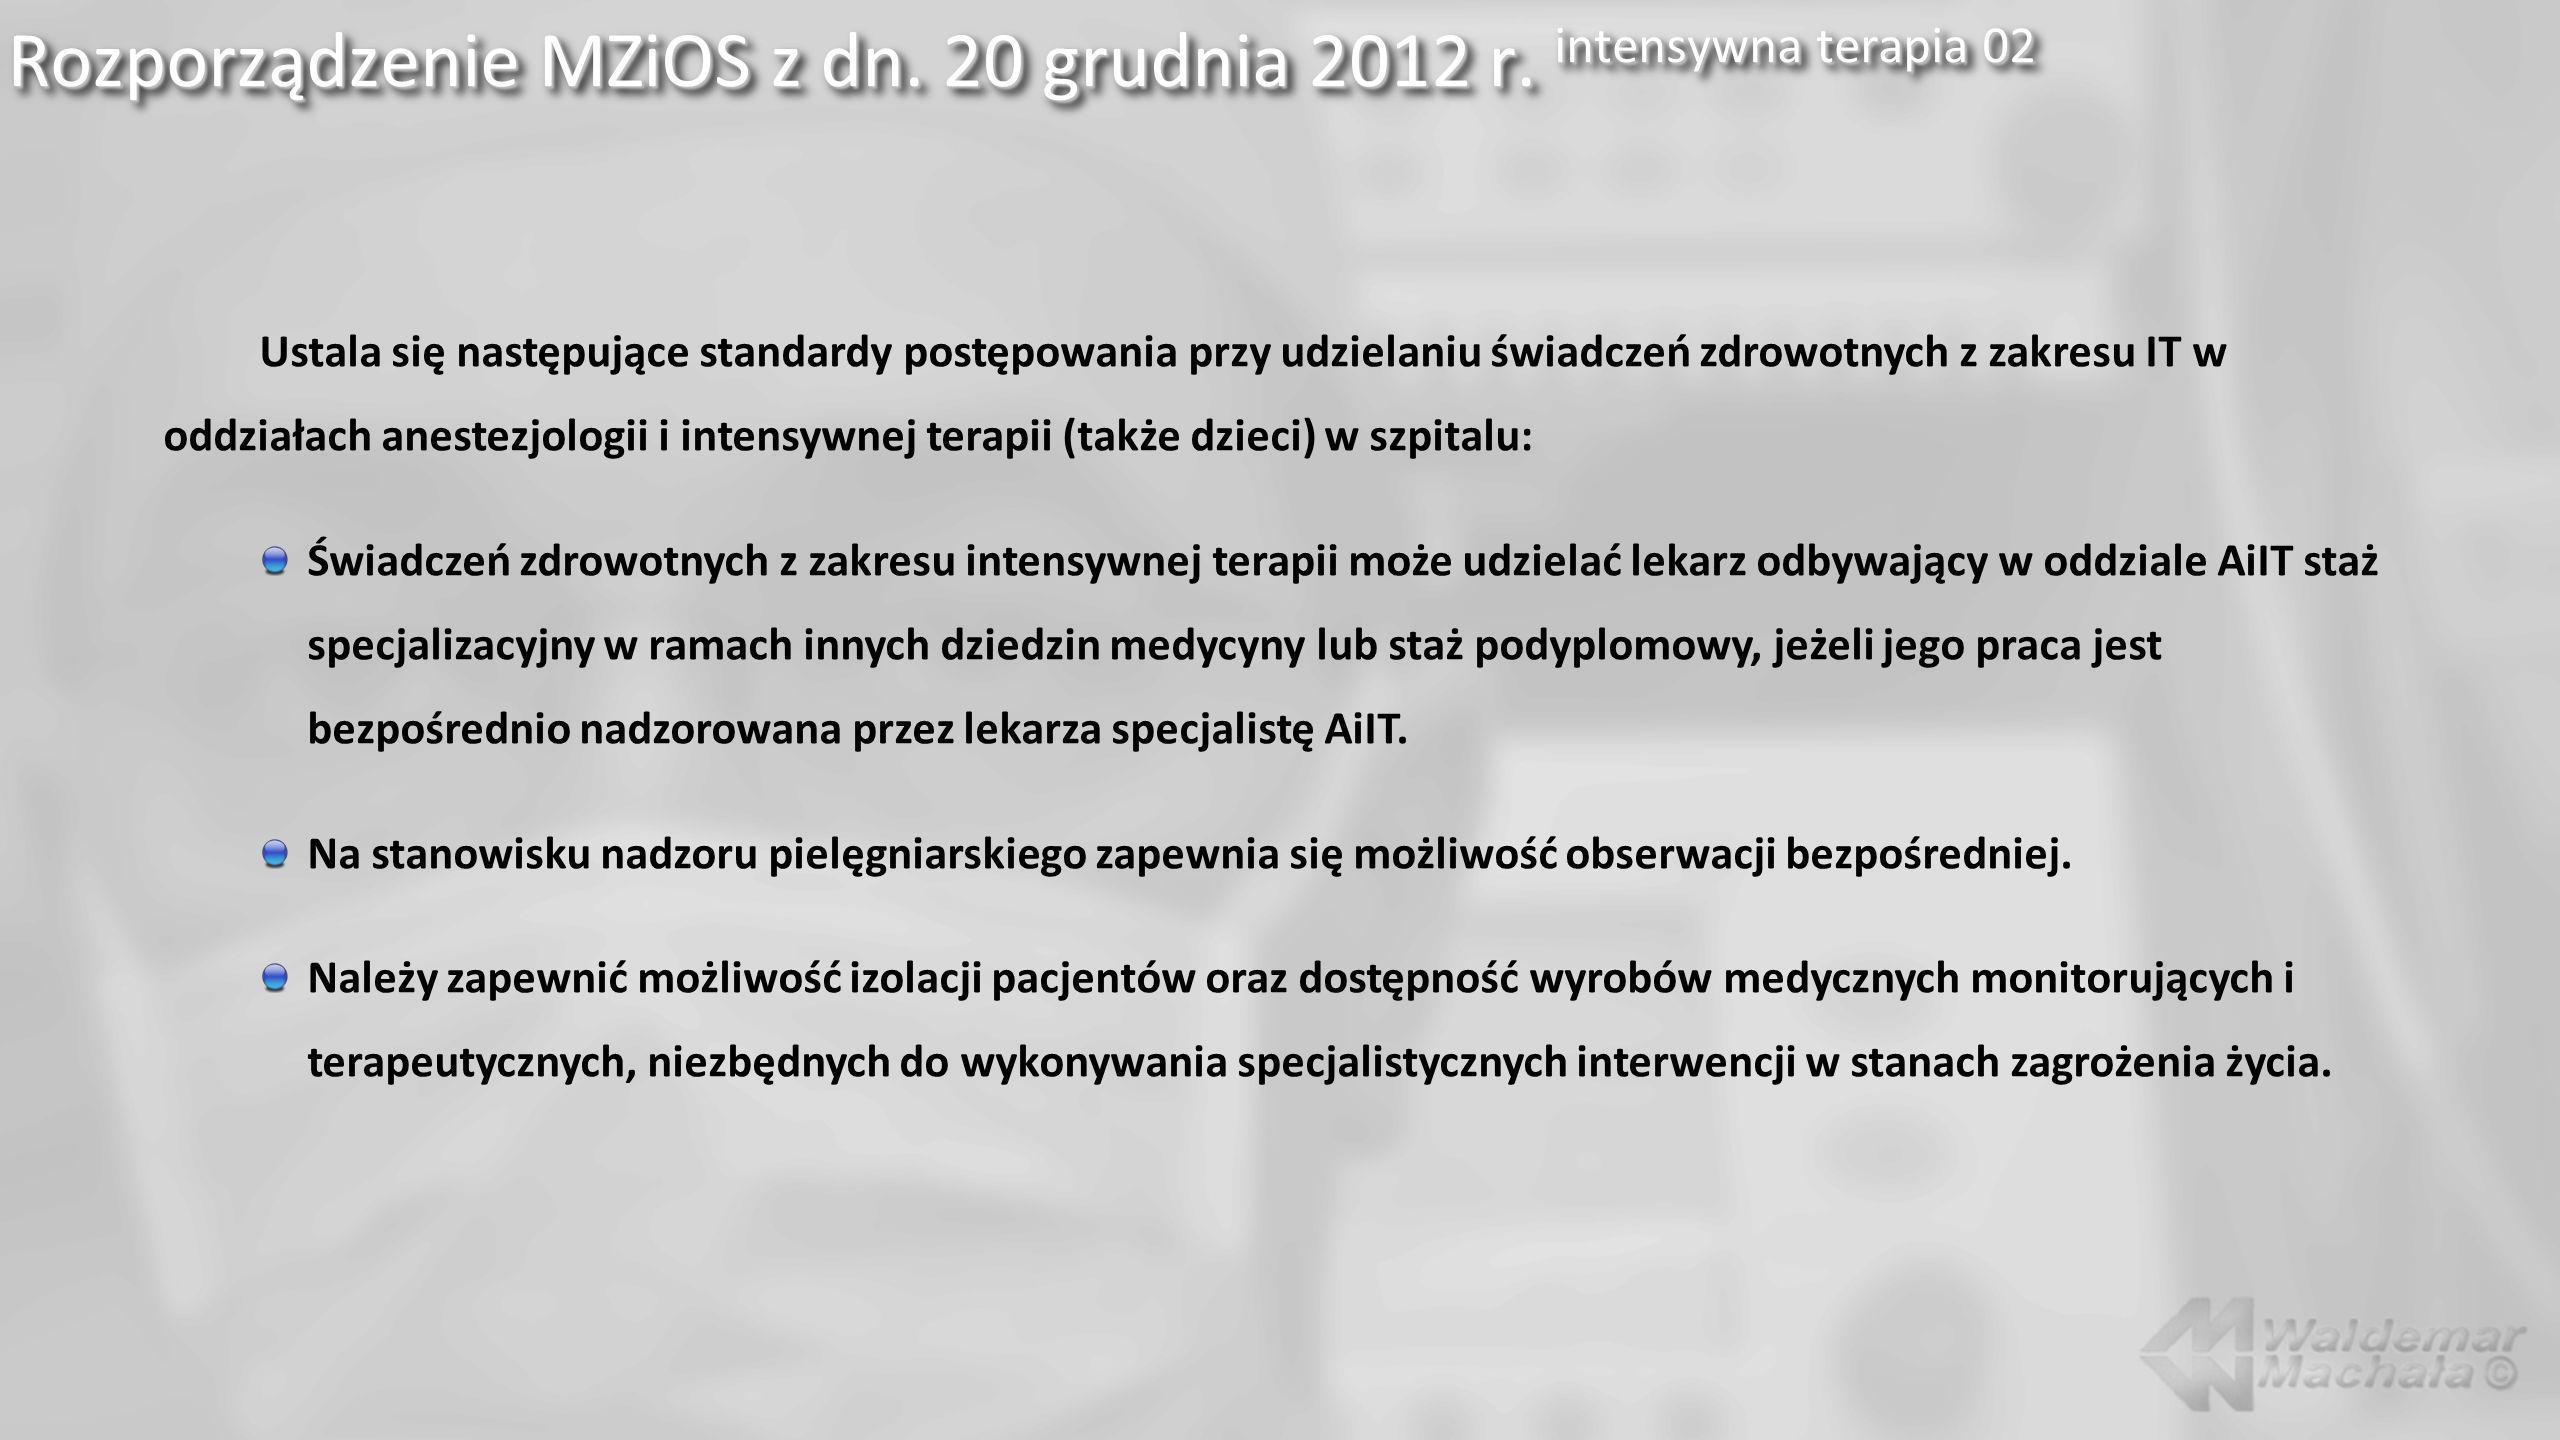 Rozporządzenie MZiOS z dn. 20 grudnia 2012 r. intensywna terapia 02